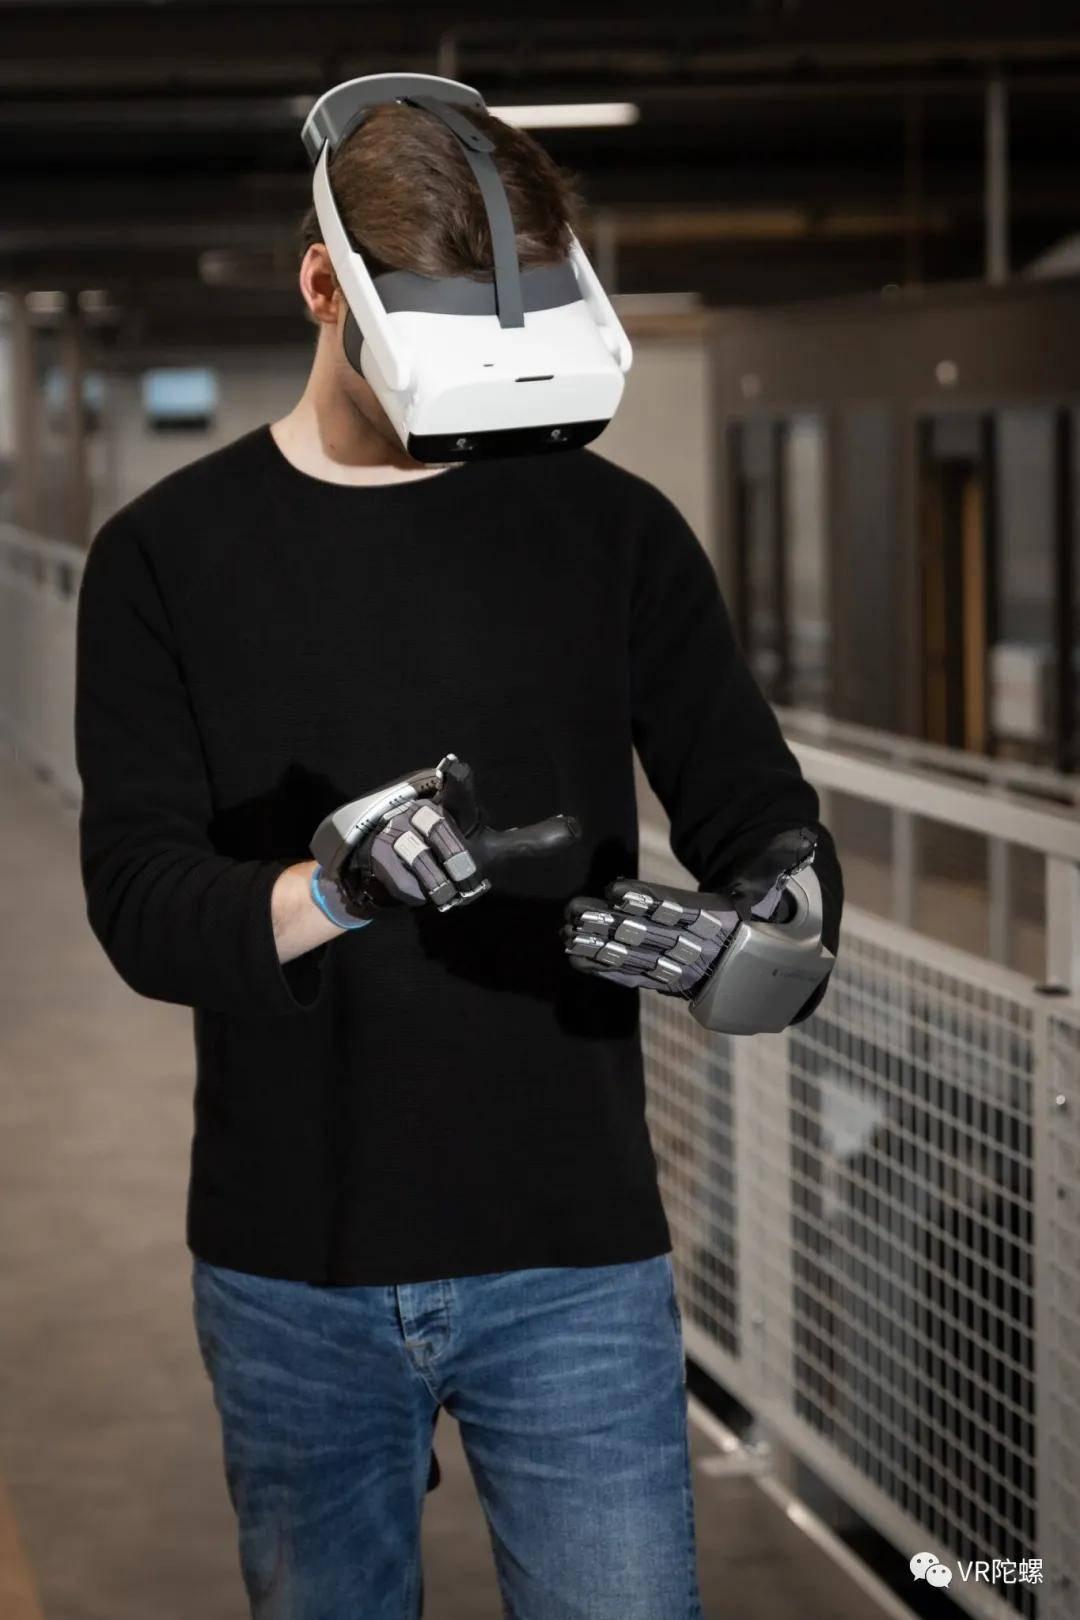 《Rec Room》宣布VR用户MAU超100W;CES多款VR/AR行业新技术速报